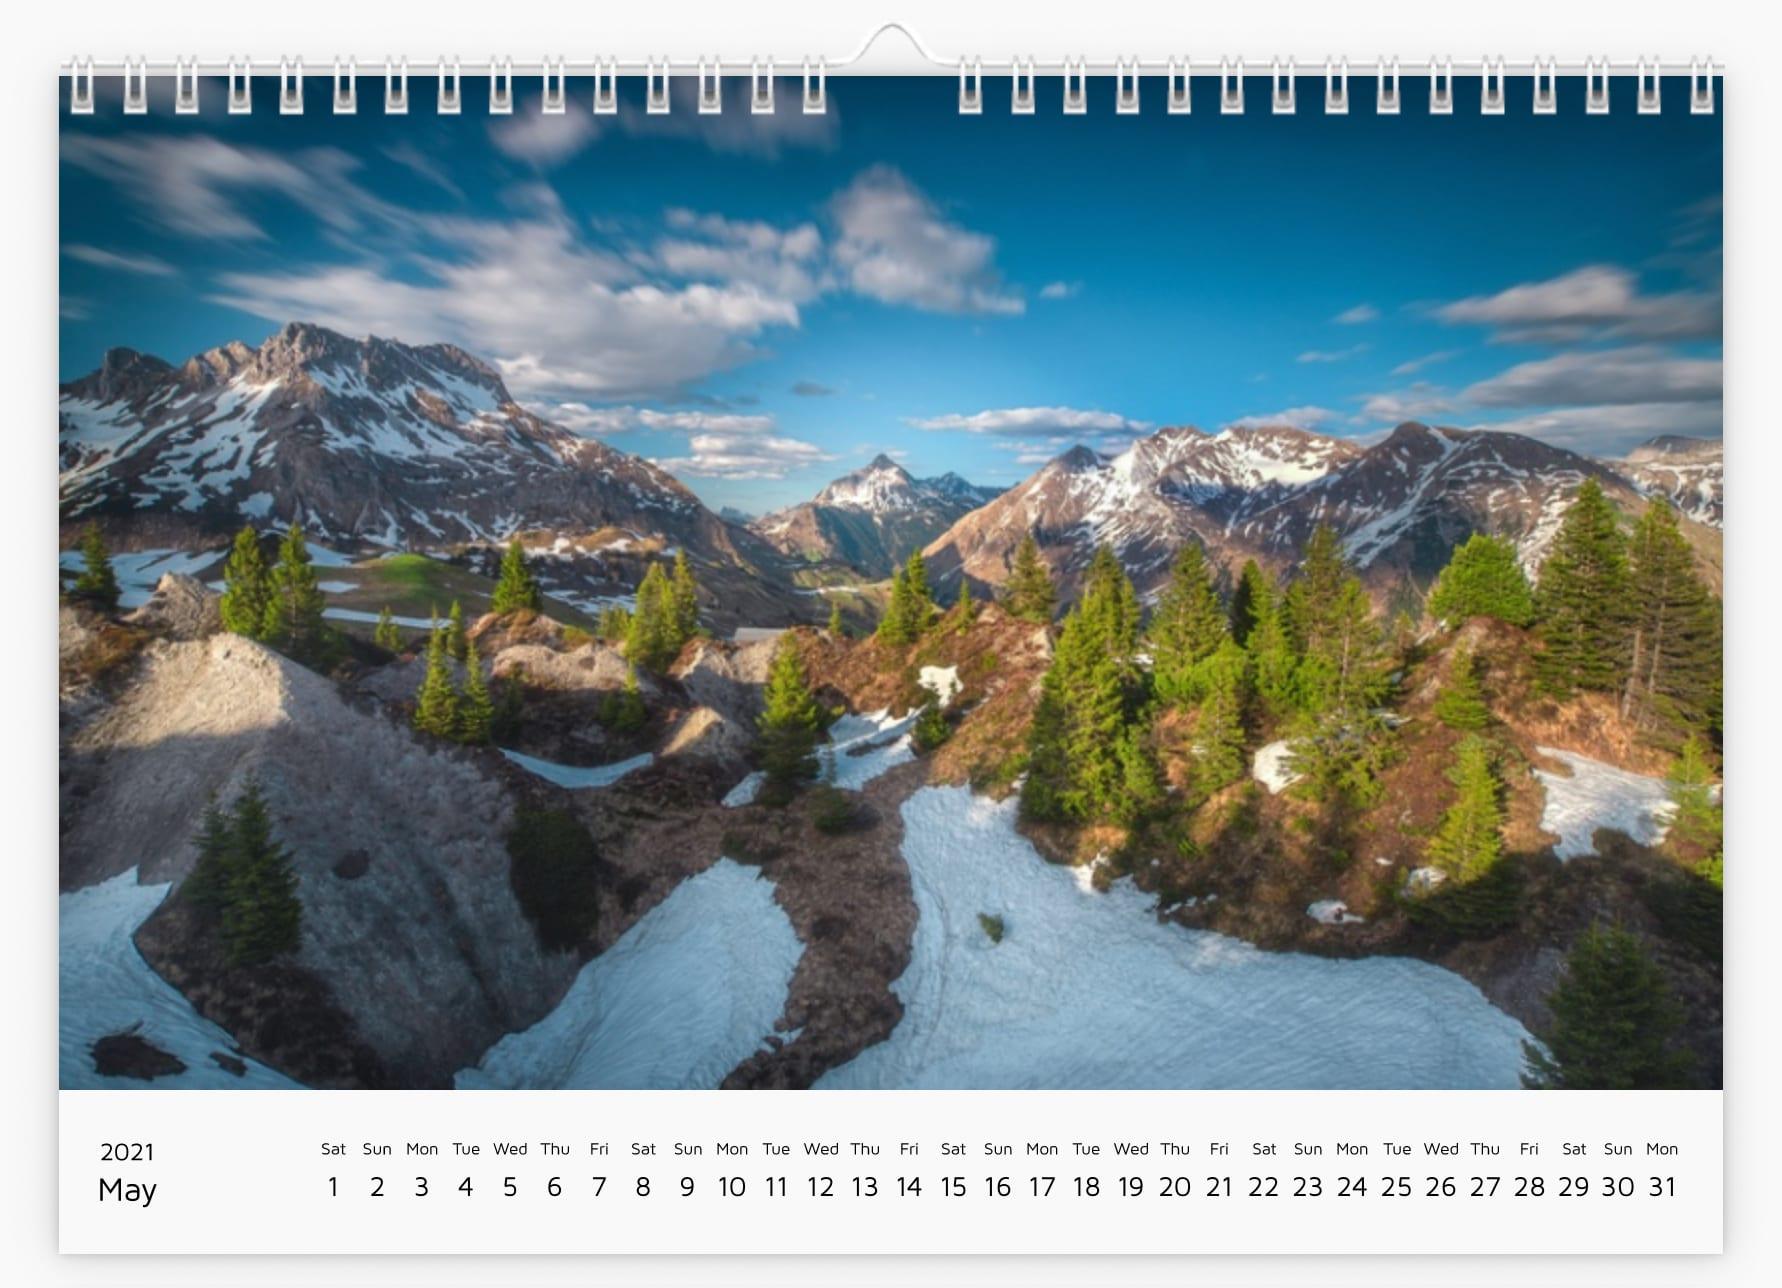 May - Calendar 2021